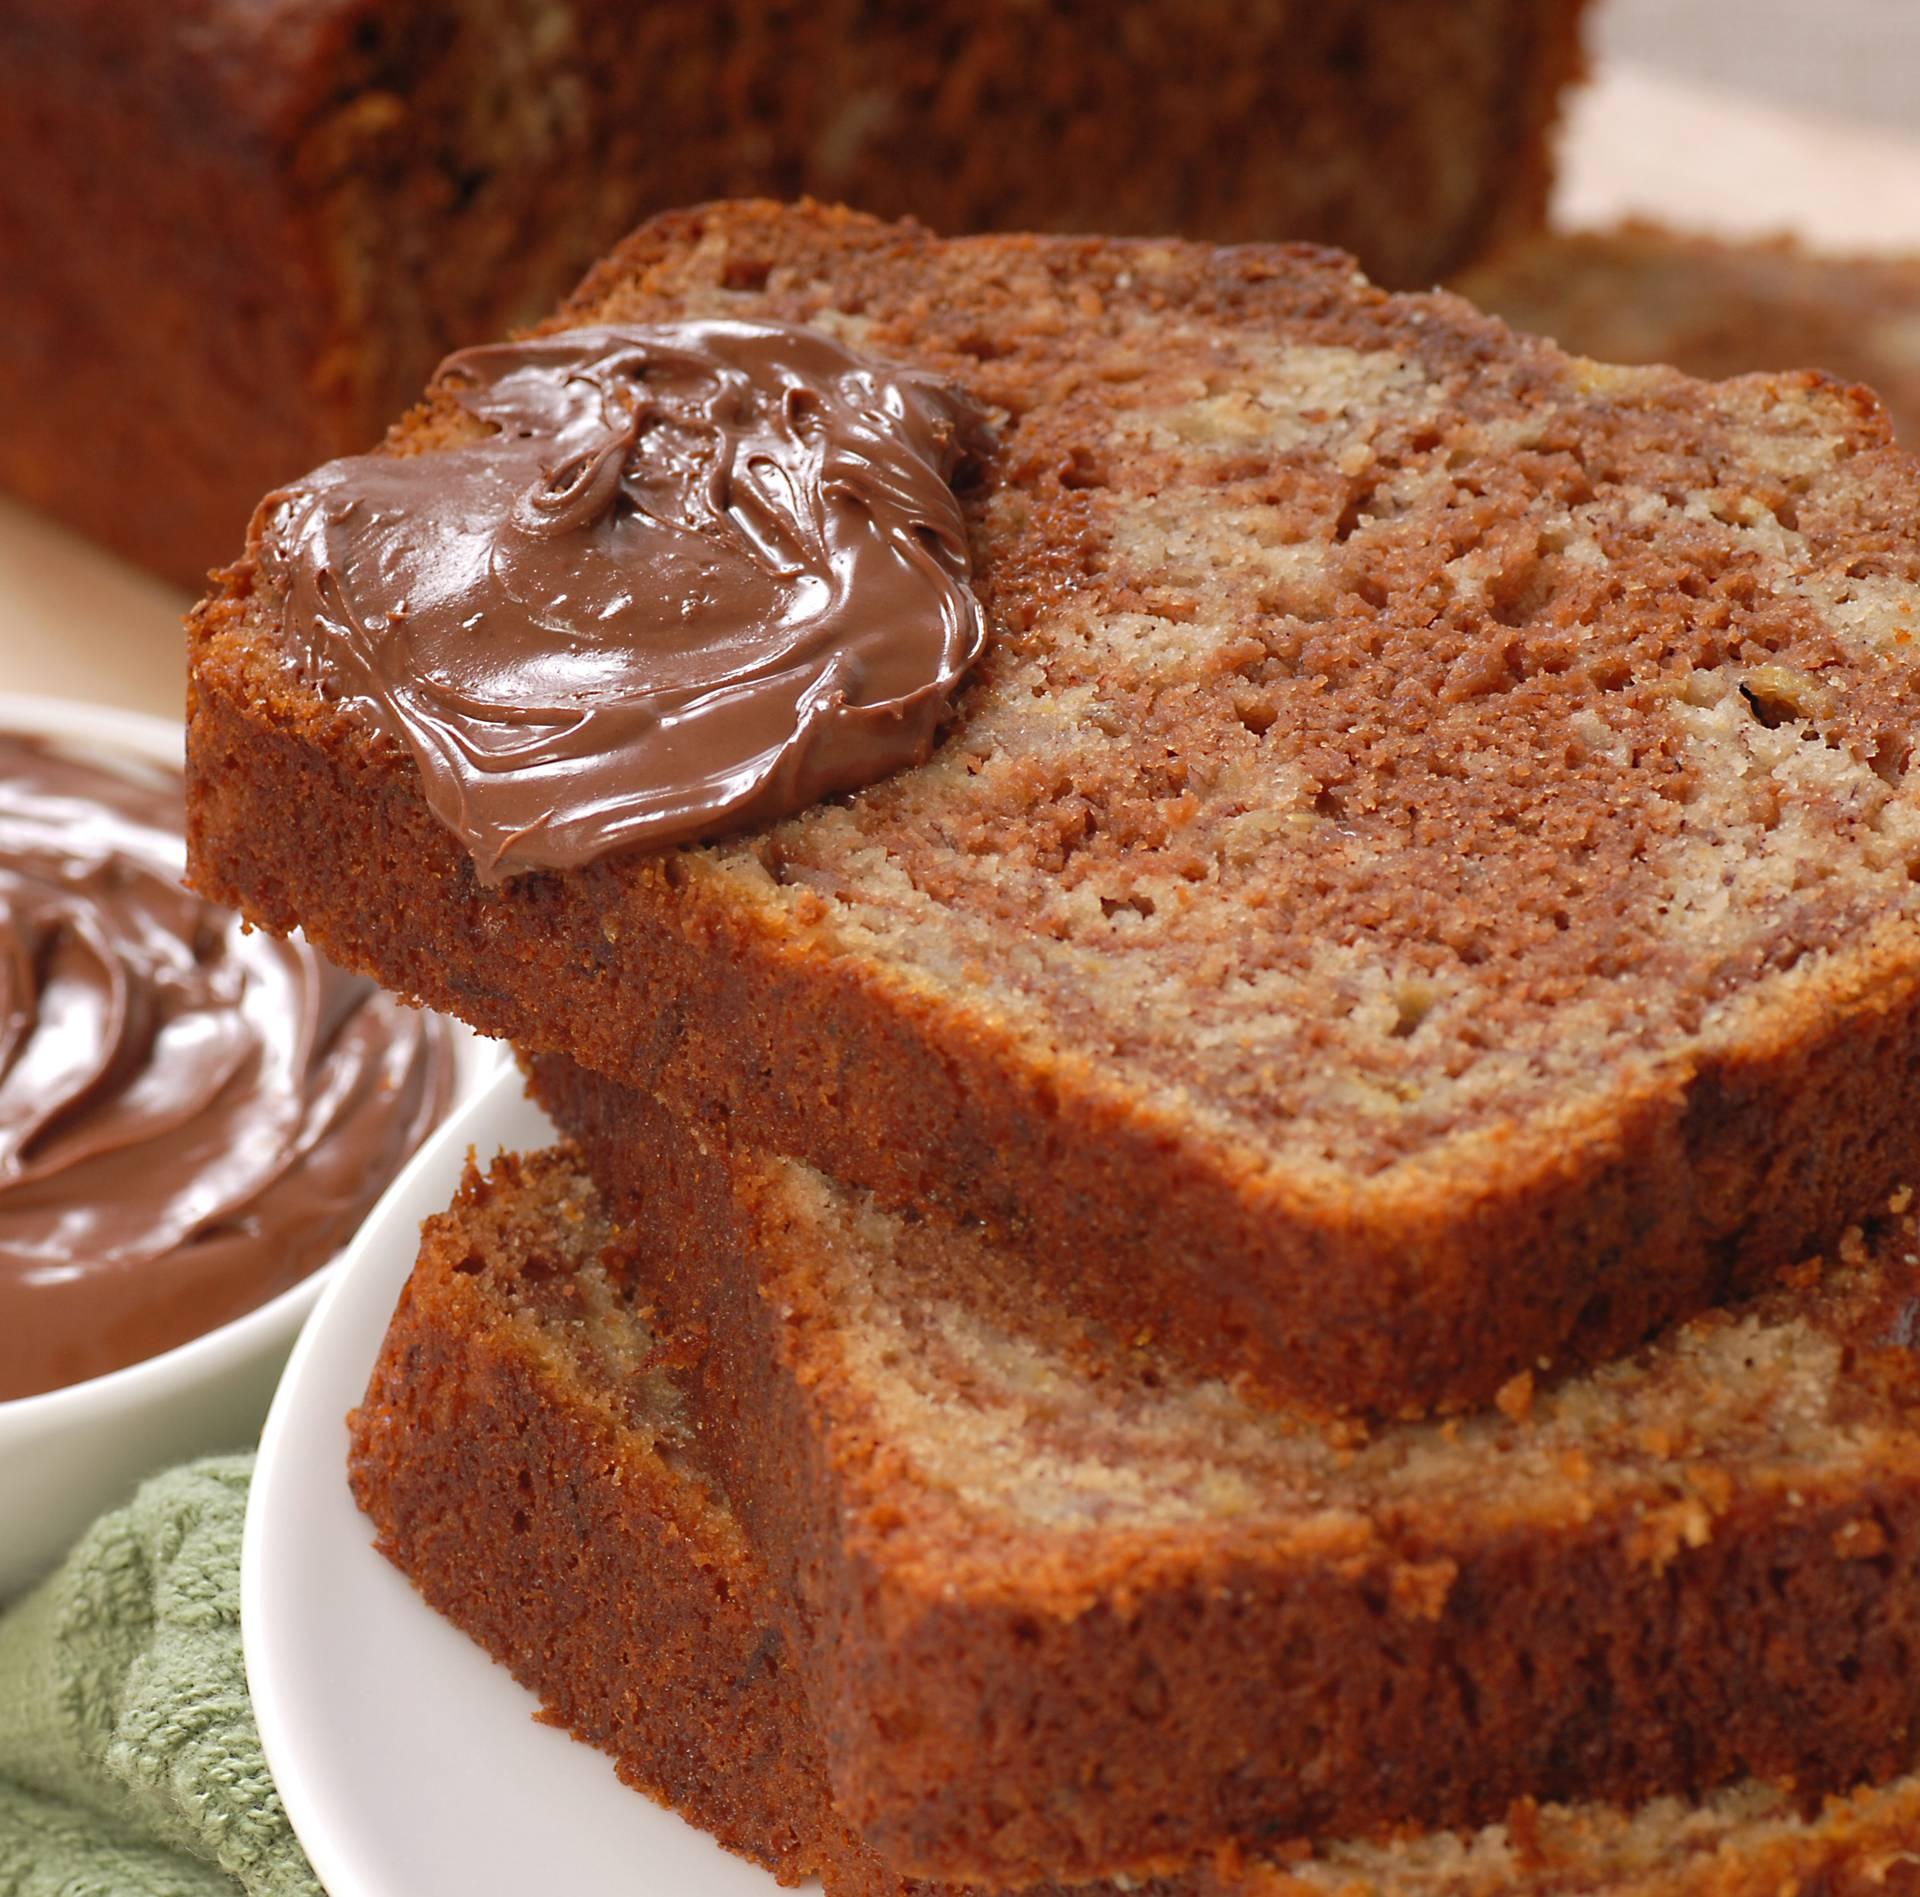 Kruh od Nutelle: Jednostavan je za napraviti, a jako ukusan